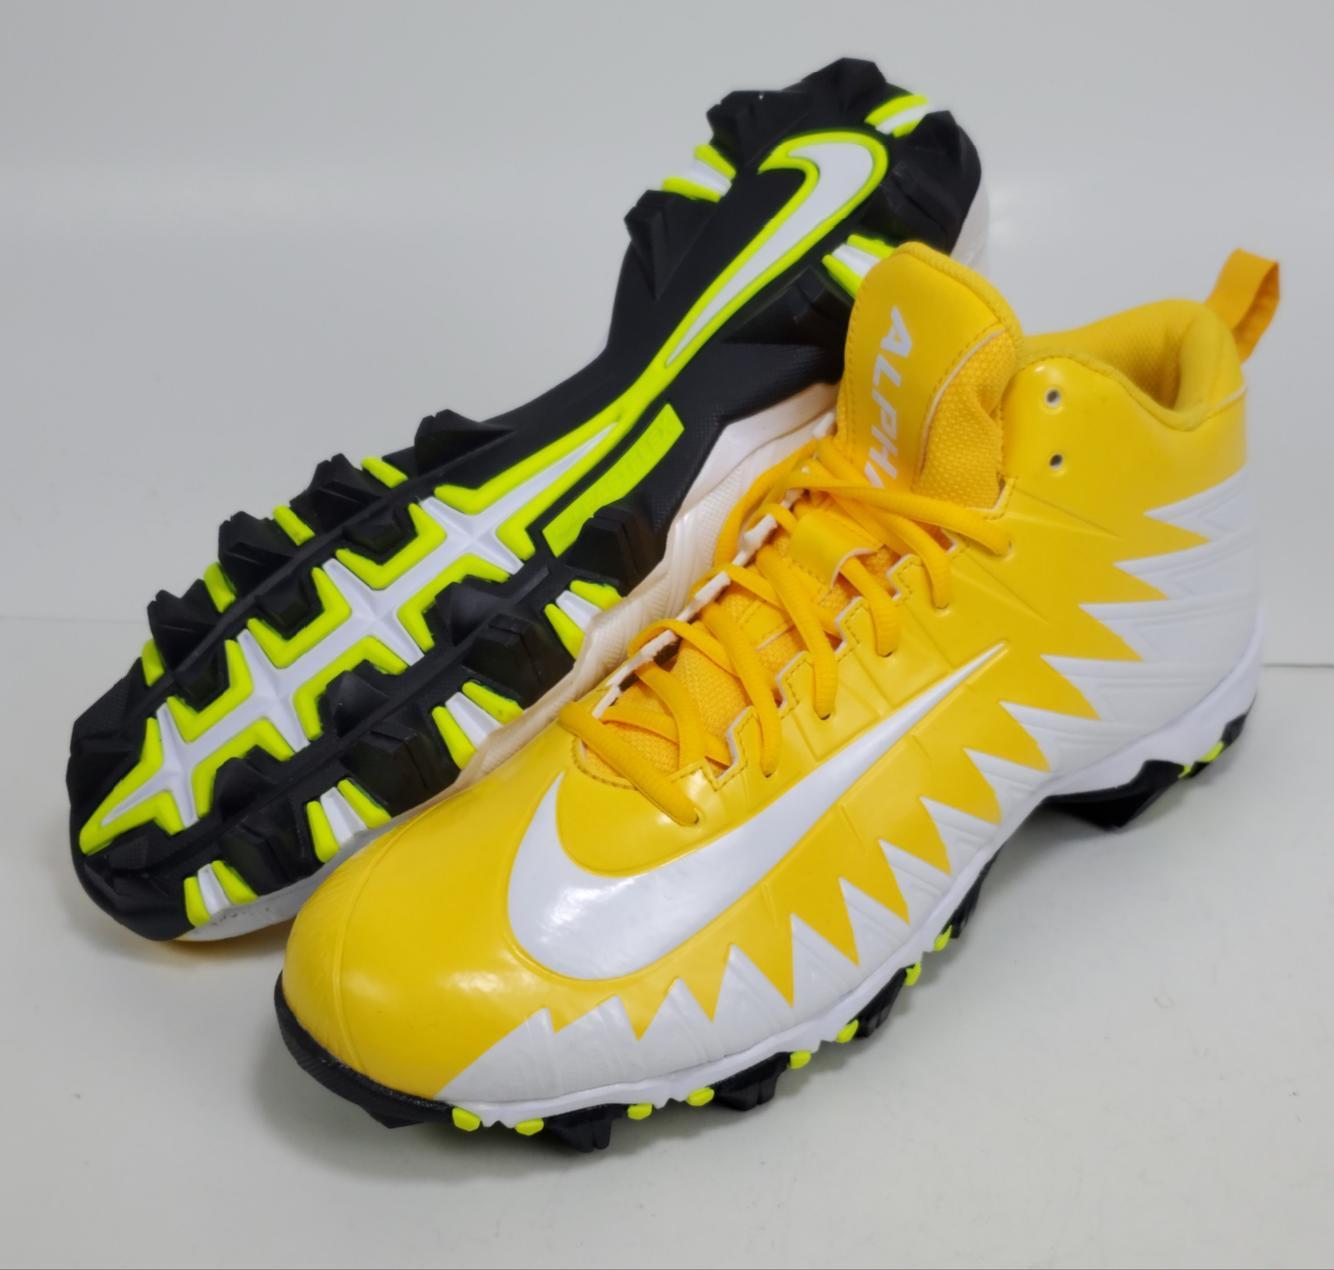 Nike New Alpha FASTFLEX Mid (US Size 12